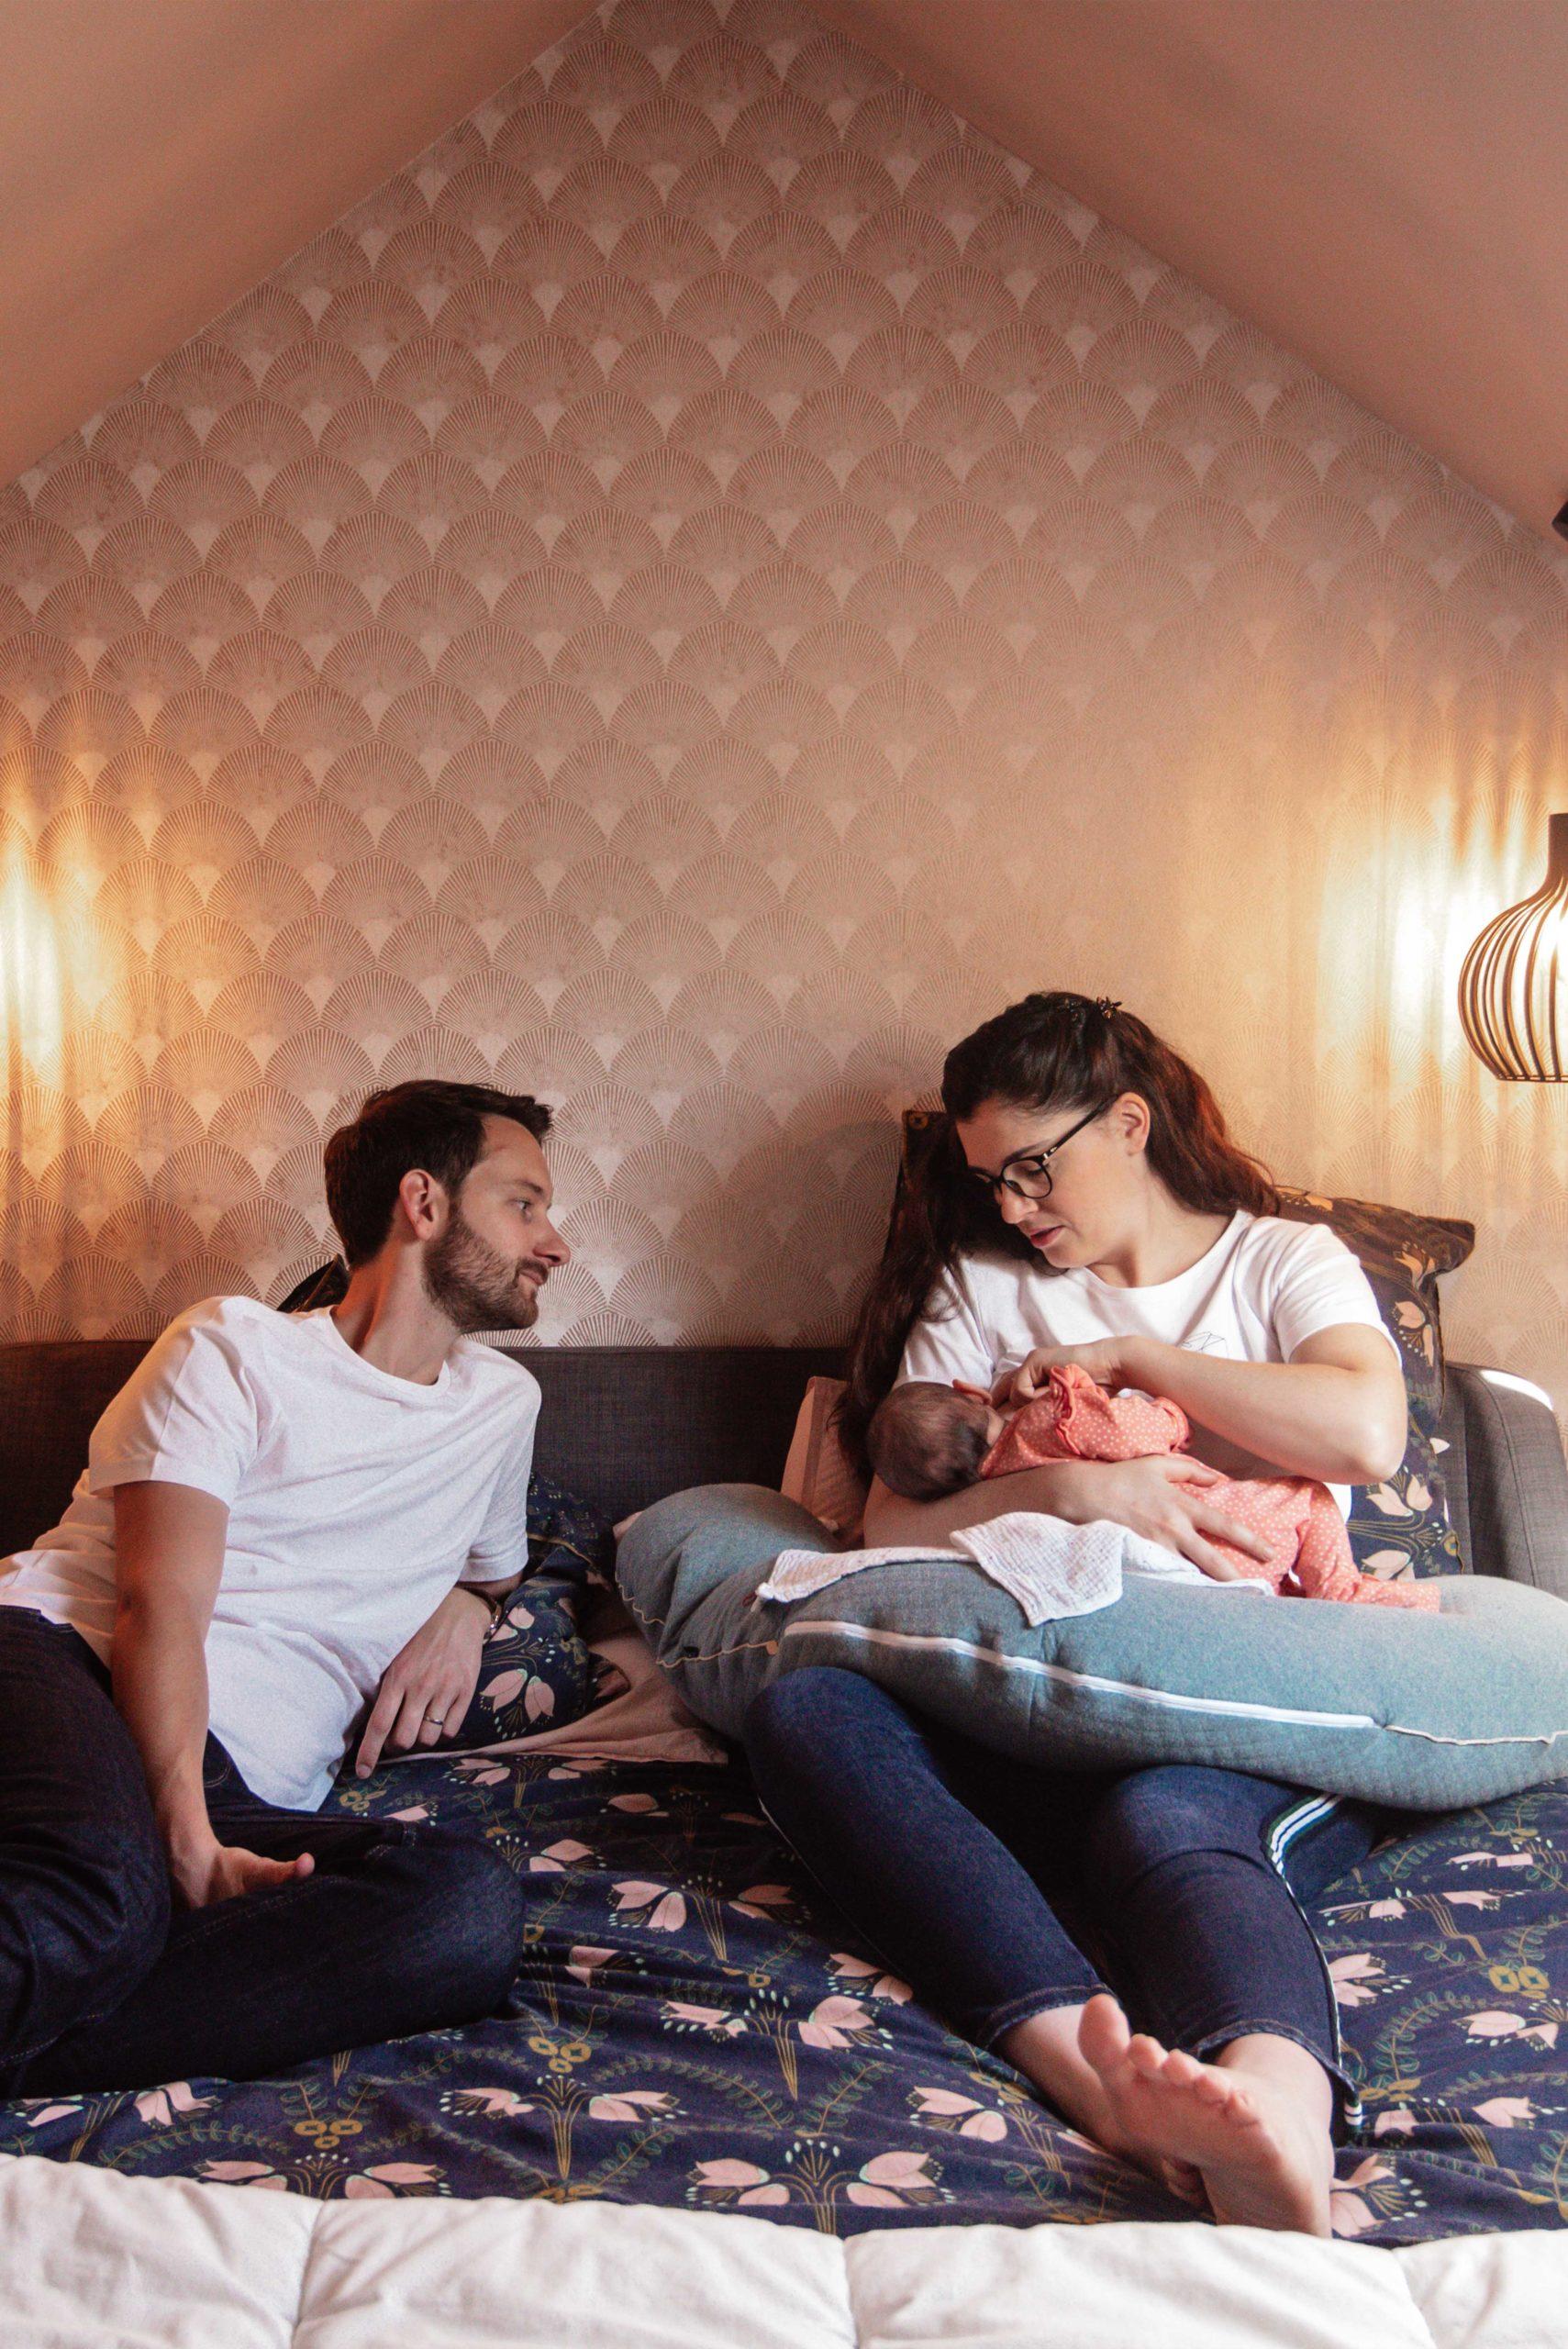 un couple pose lors d'une seance photo grossesse, lui dit un mot d'amour dans l'oreille